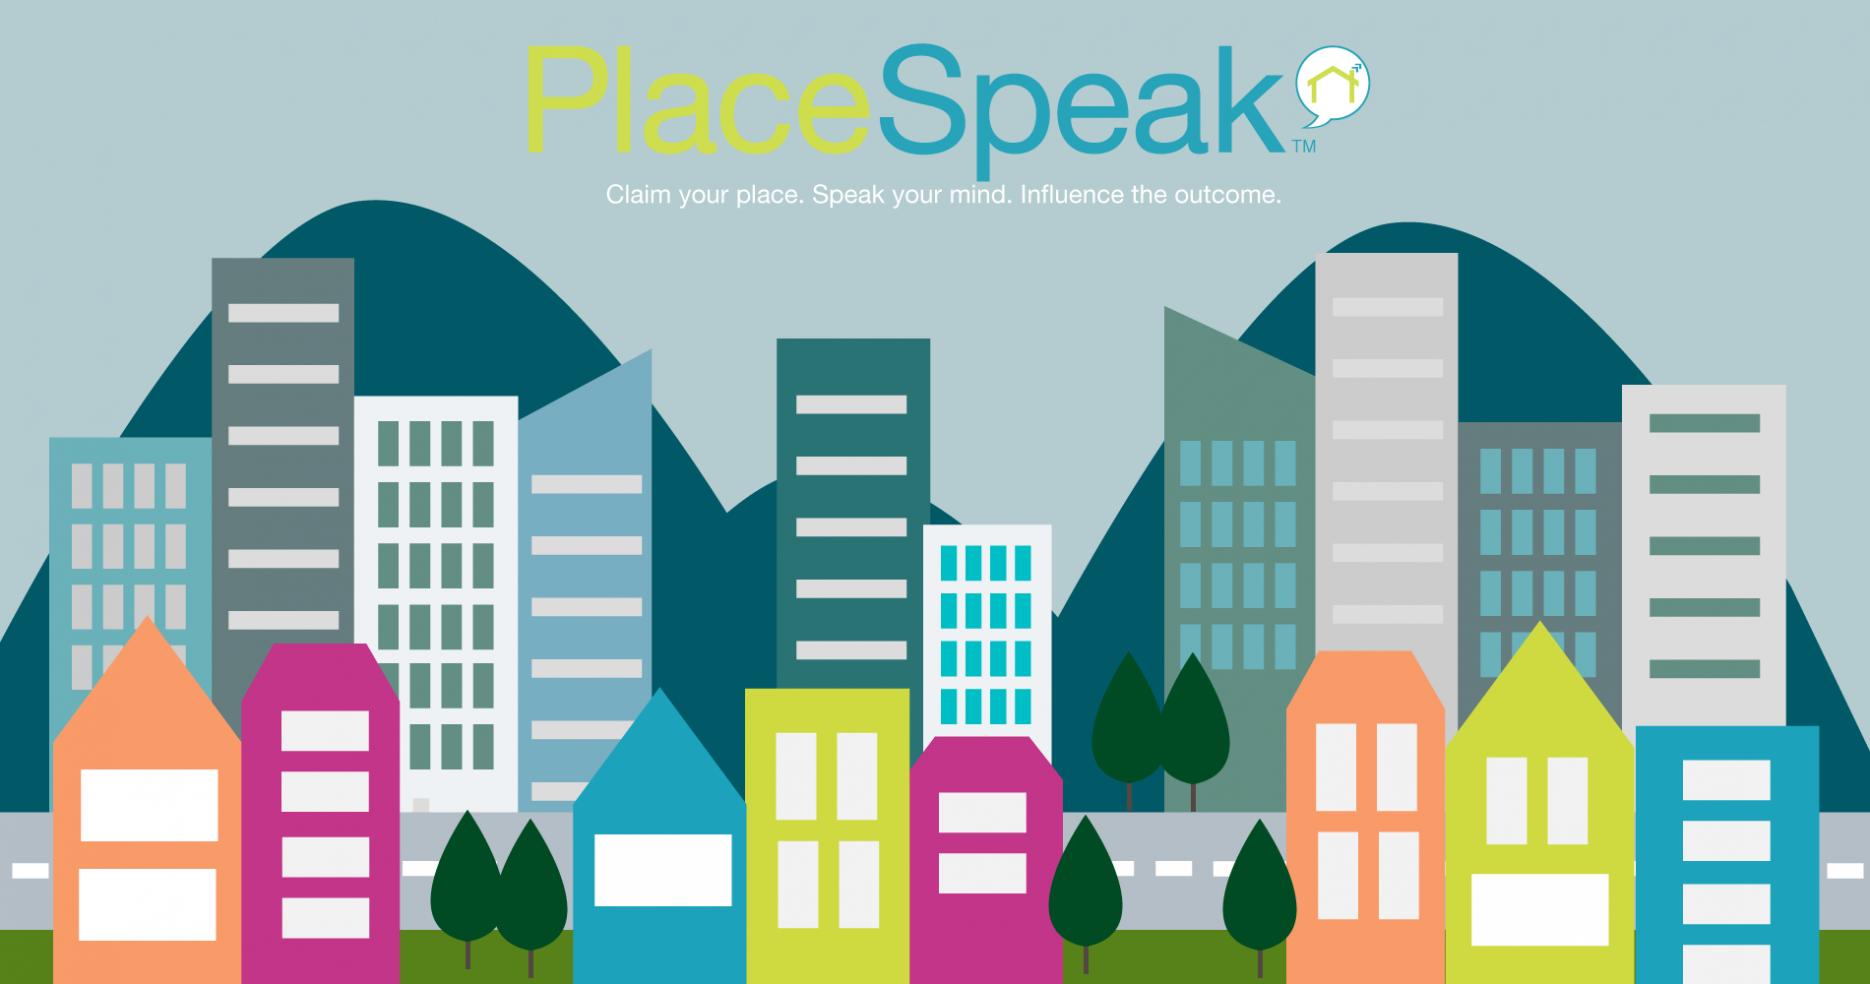 PlaceSpeak